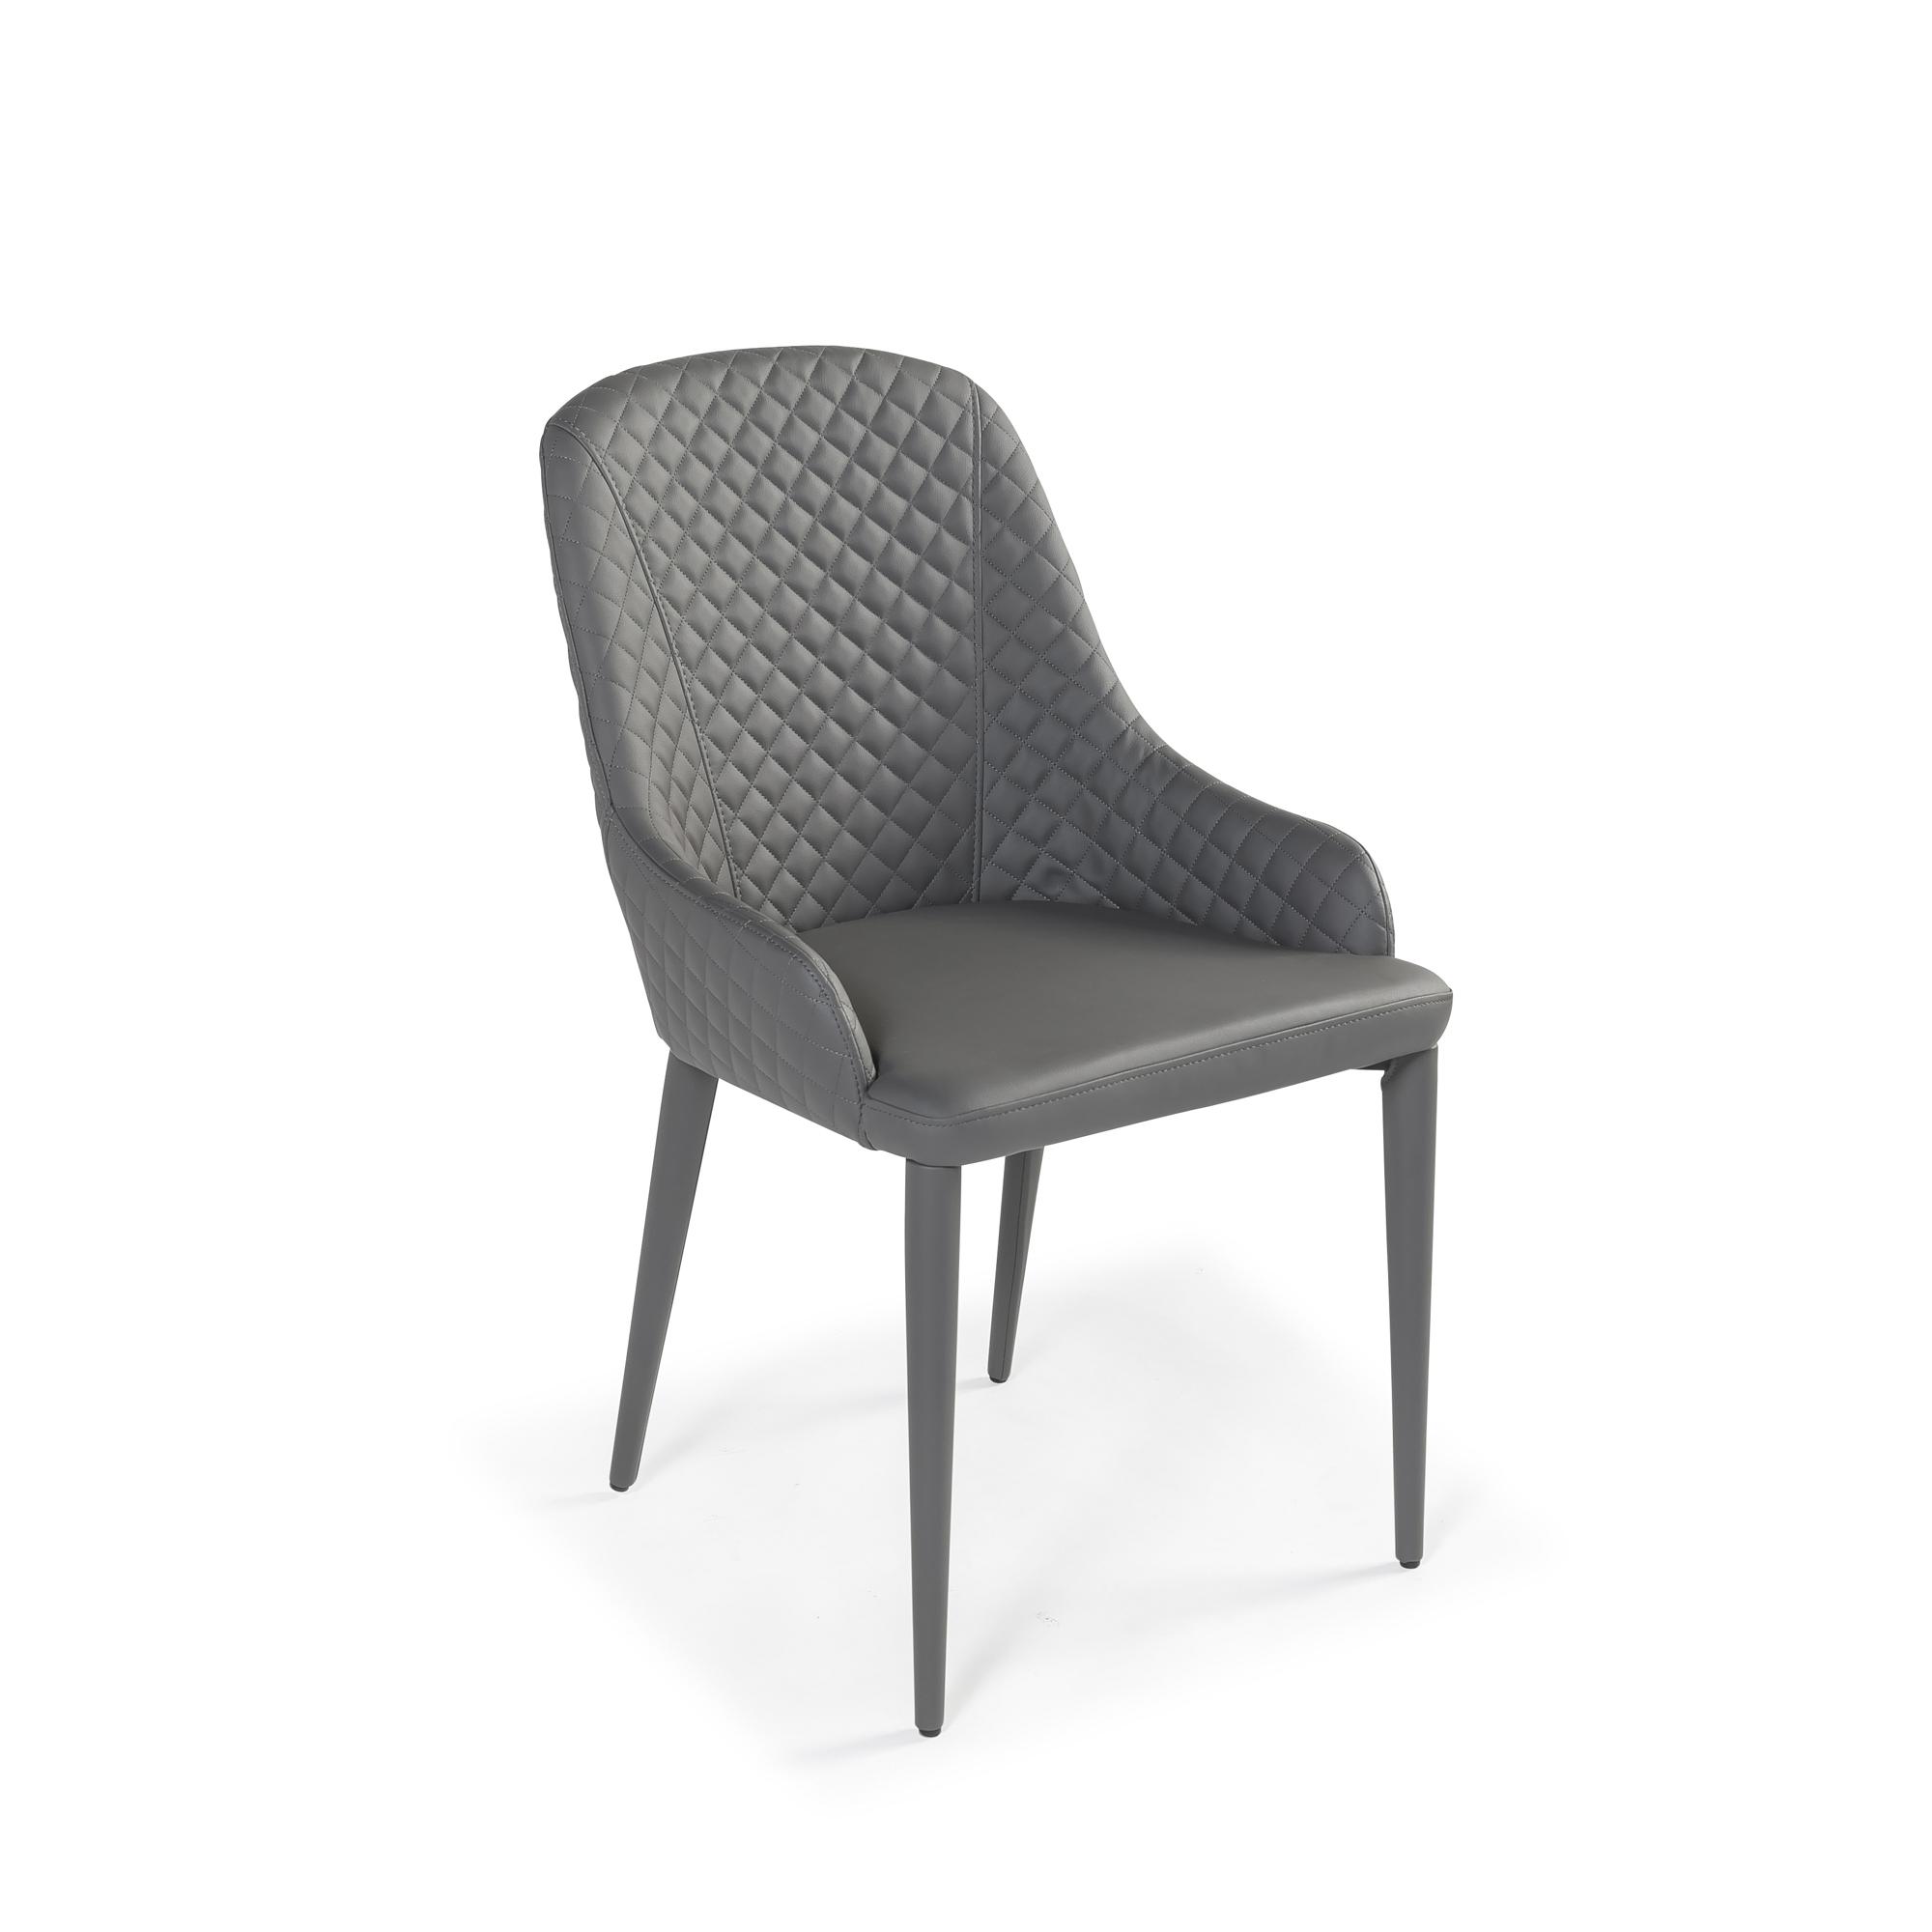 New Modern Luxury Grey Upholstered Designer Dining